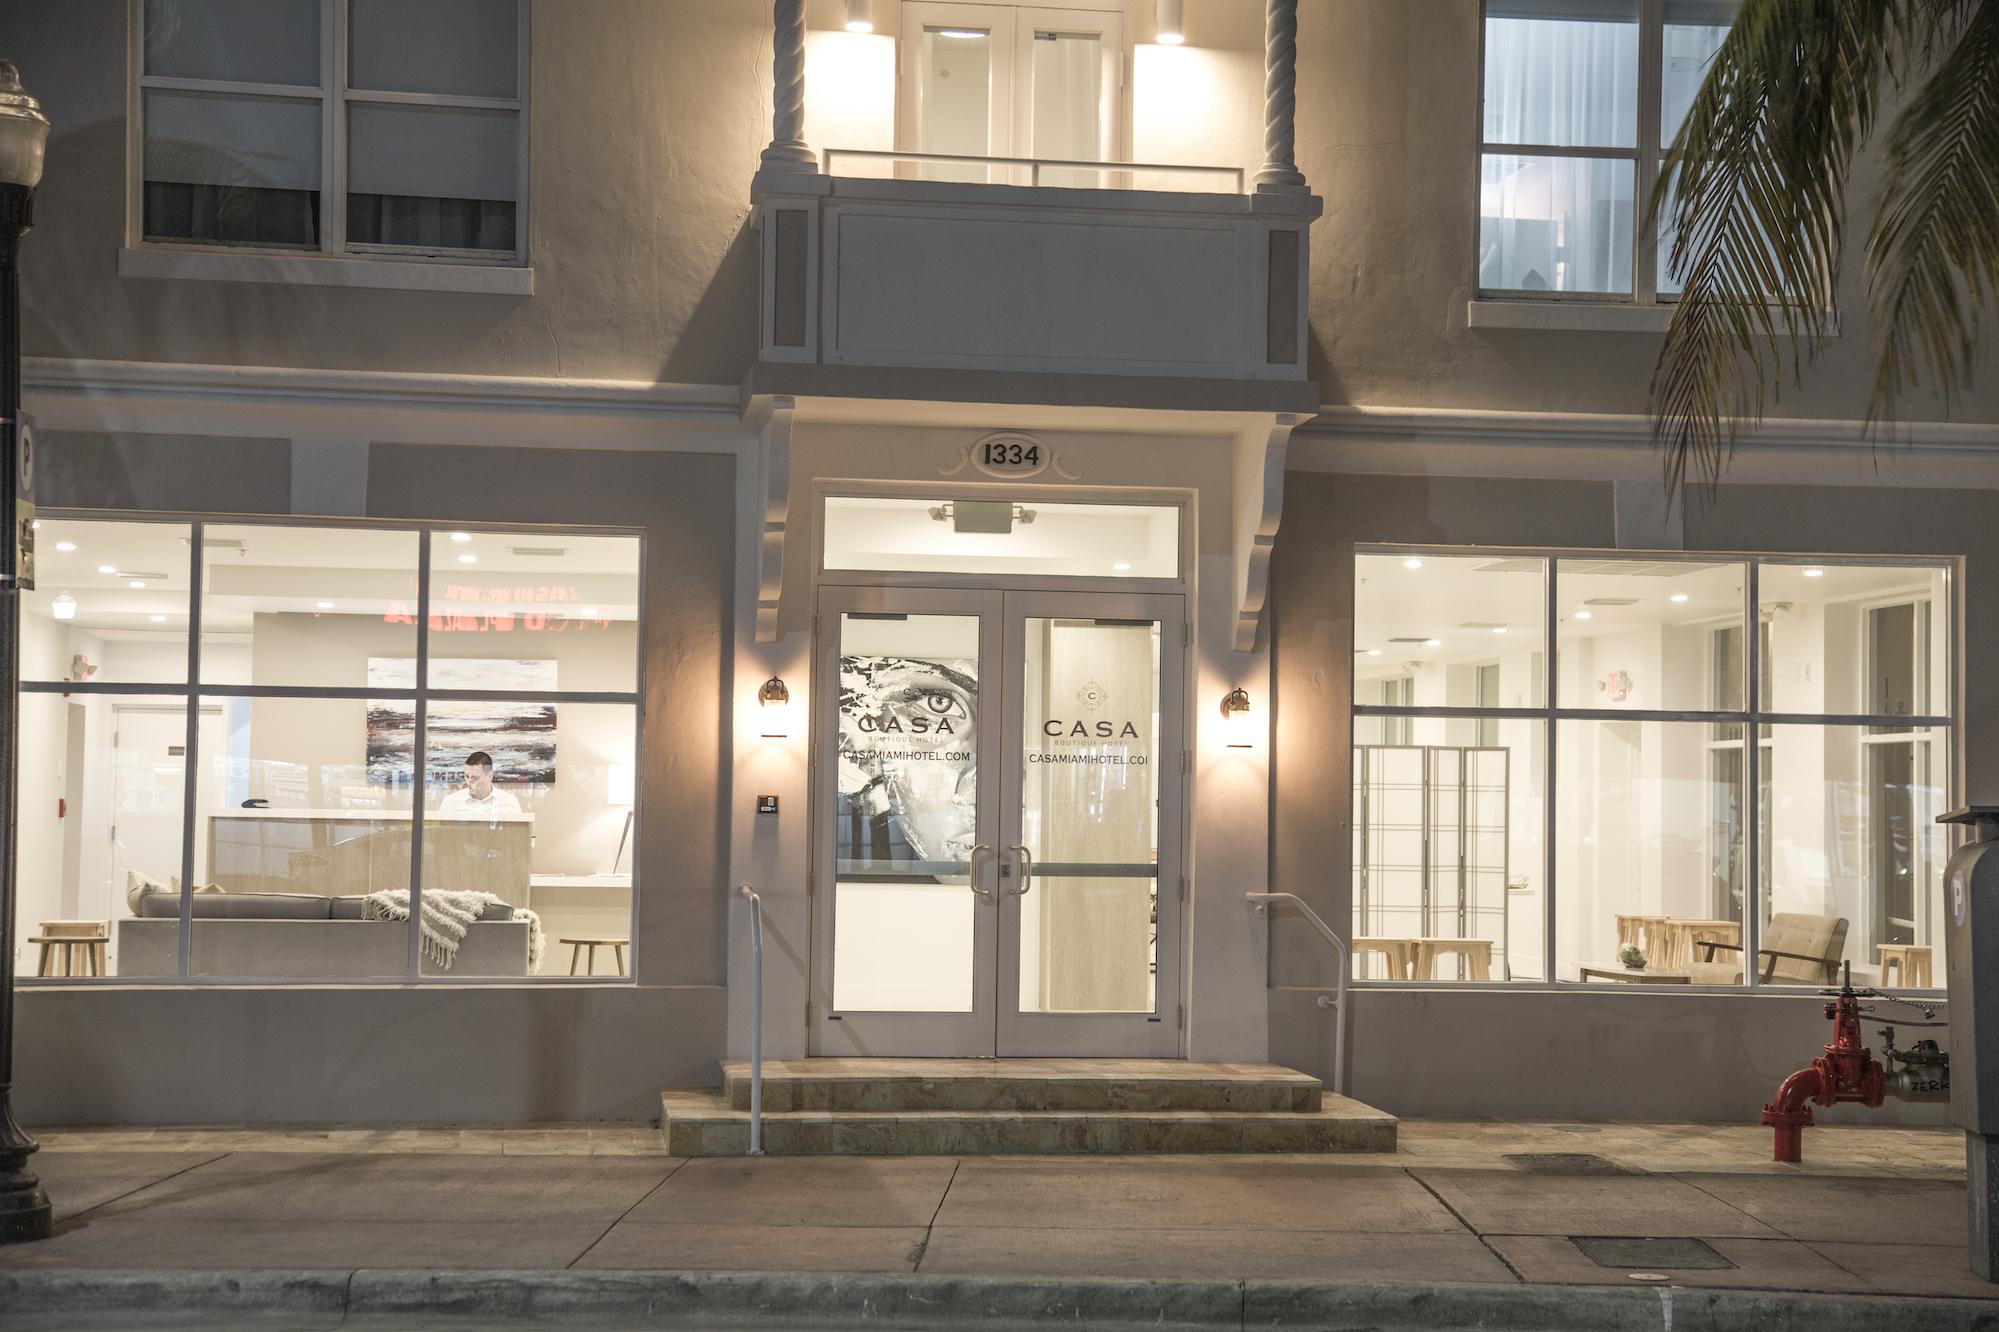 casa boutique hotel opens in miami beach curbed miami. Black Bedroom Furniture Sets. Home Design Ideas